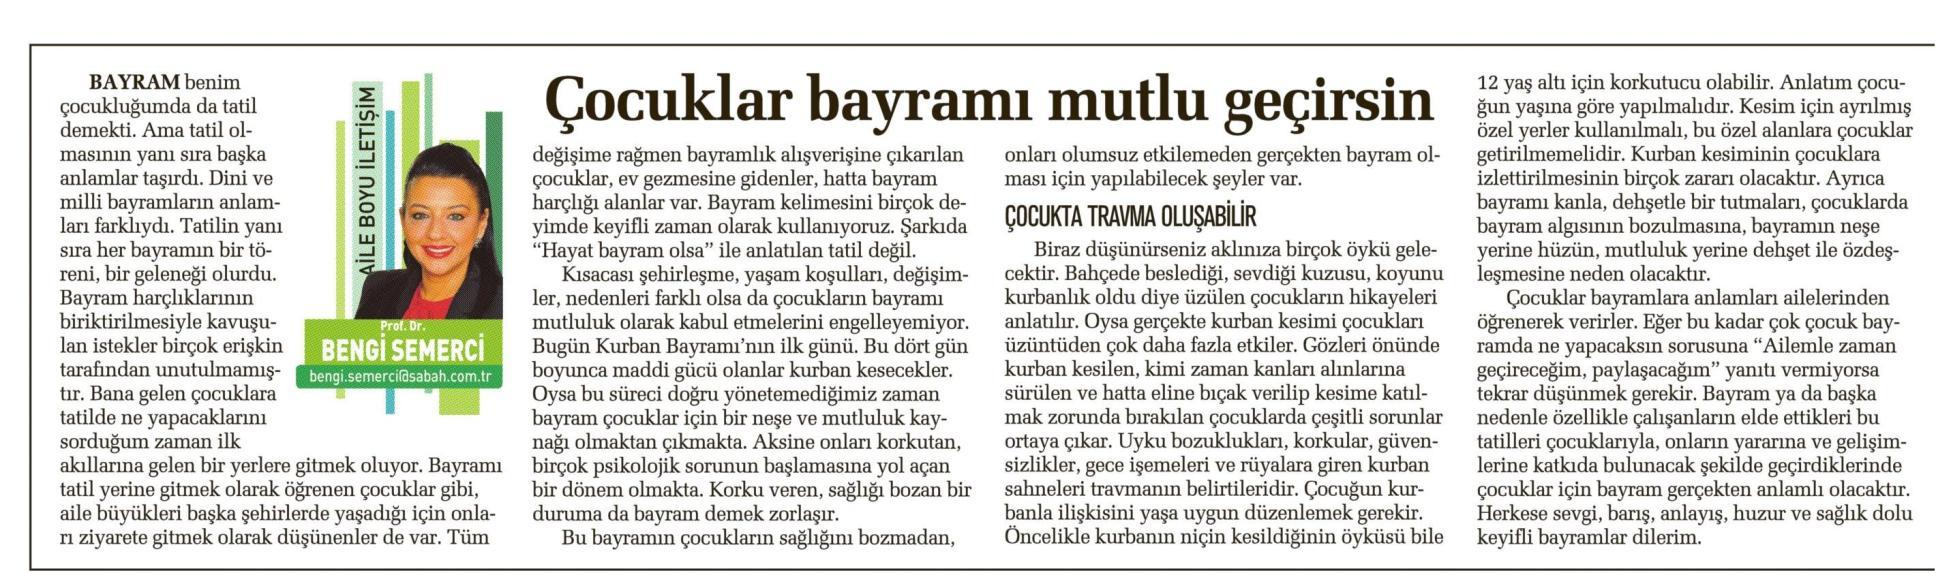 Çocuklar bayramı mutlu geçirsin - SABAH CUMARTESİ 04.10.2014